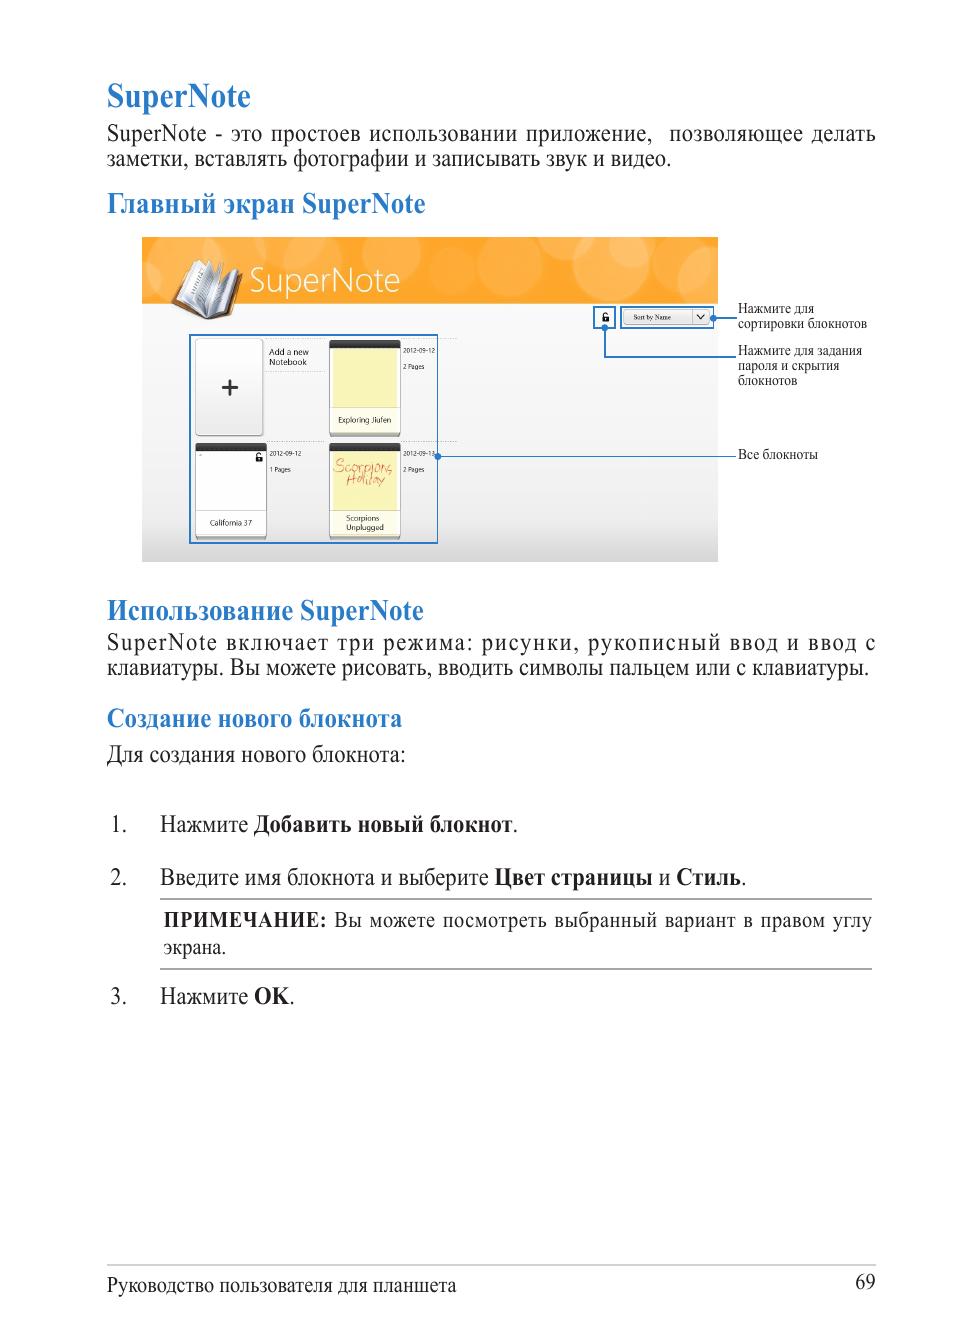 Supernote, Создание нового блокнота Инструкция по эксплуатации Asus VivoTab RT Страница 69 / 78